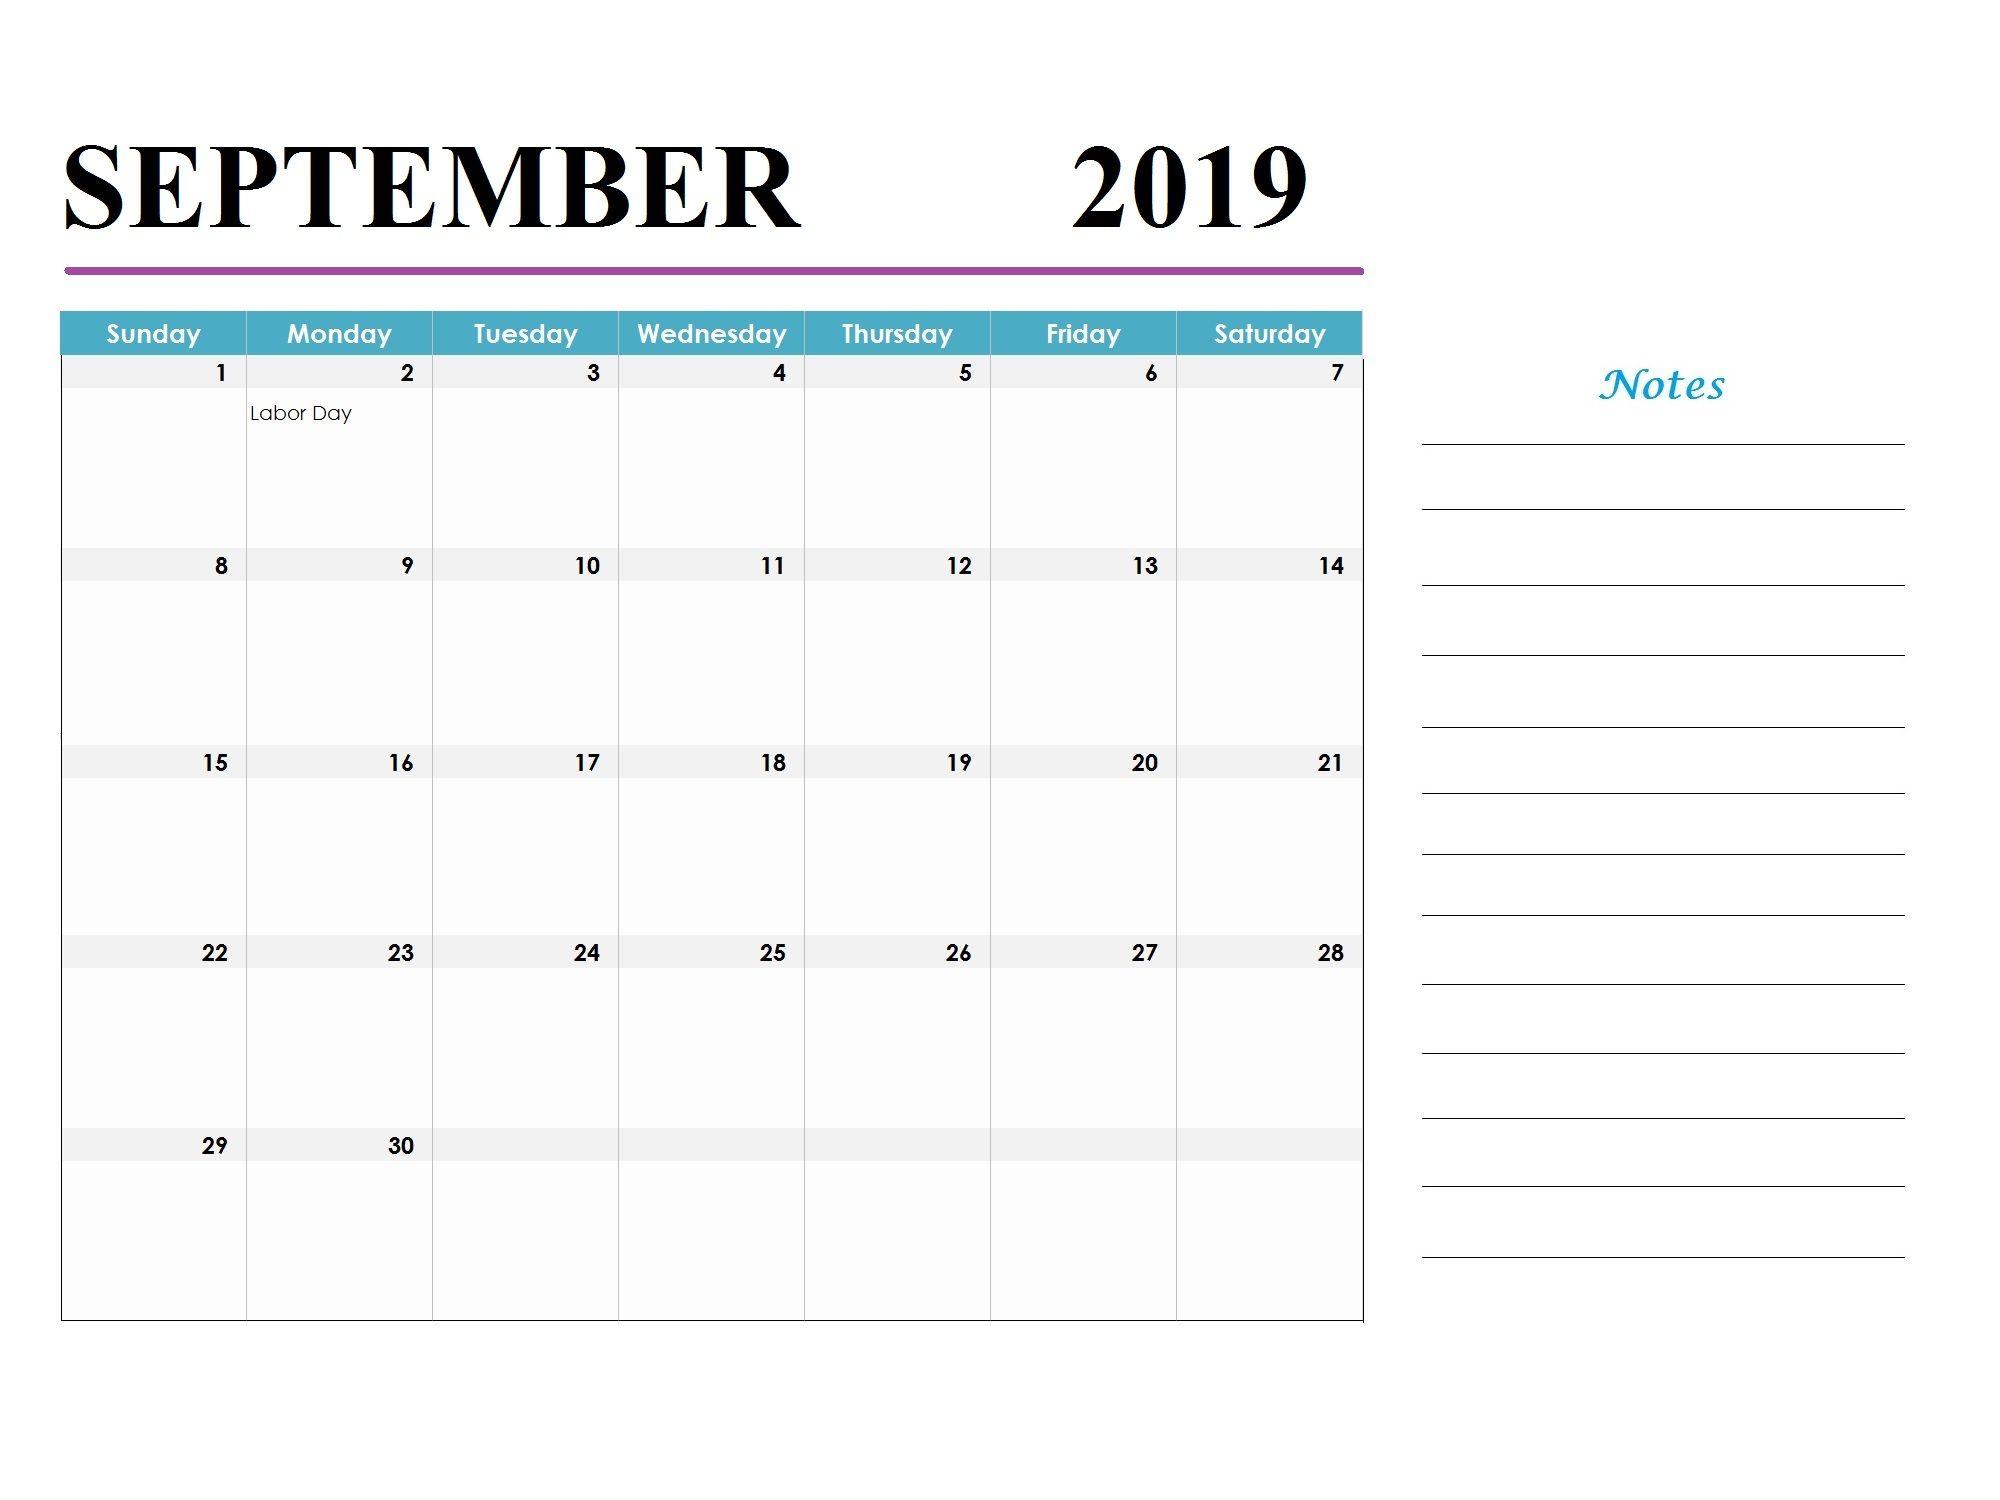 September 2019 Holidays Calendar Template Monthly Calendar